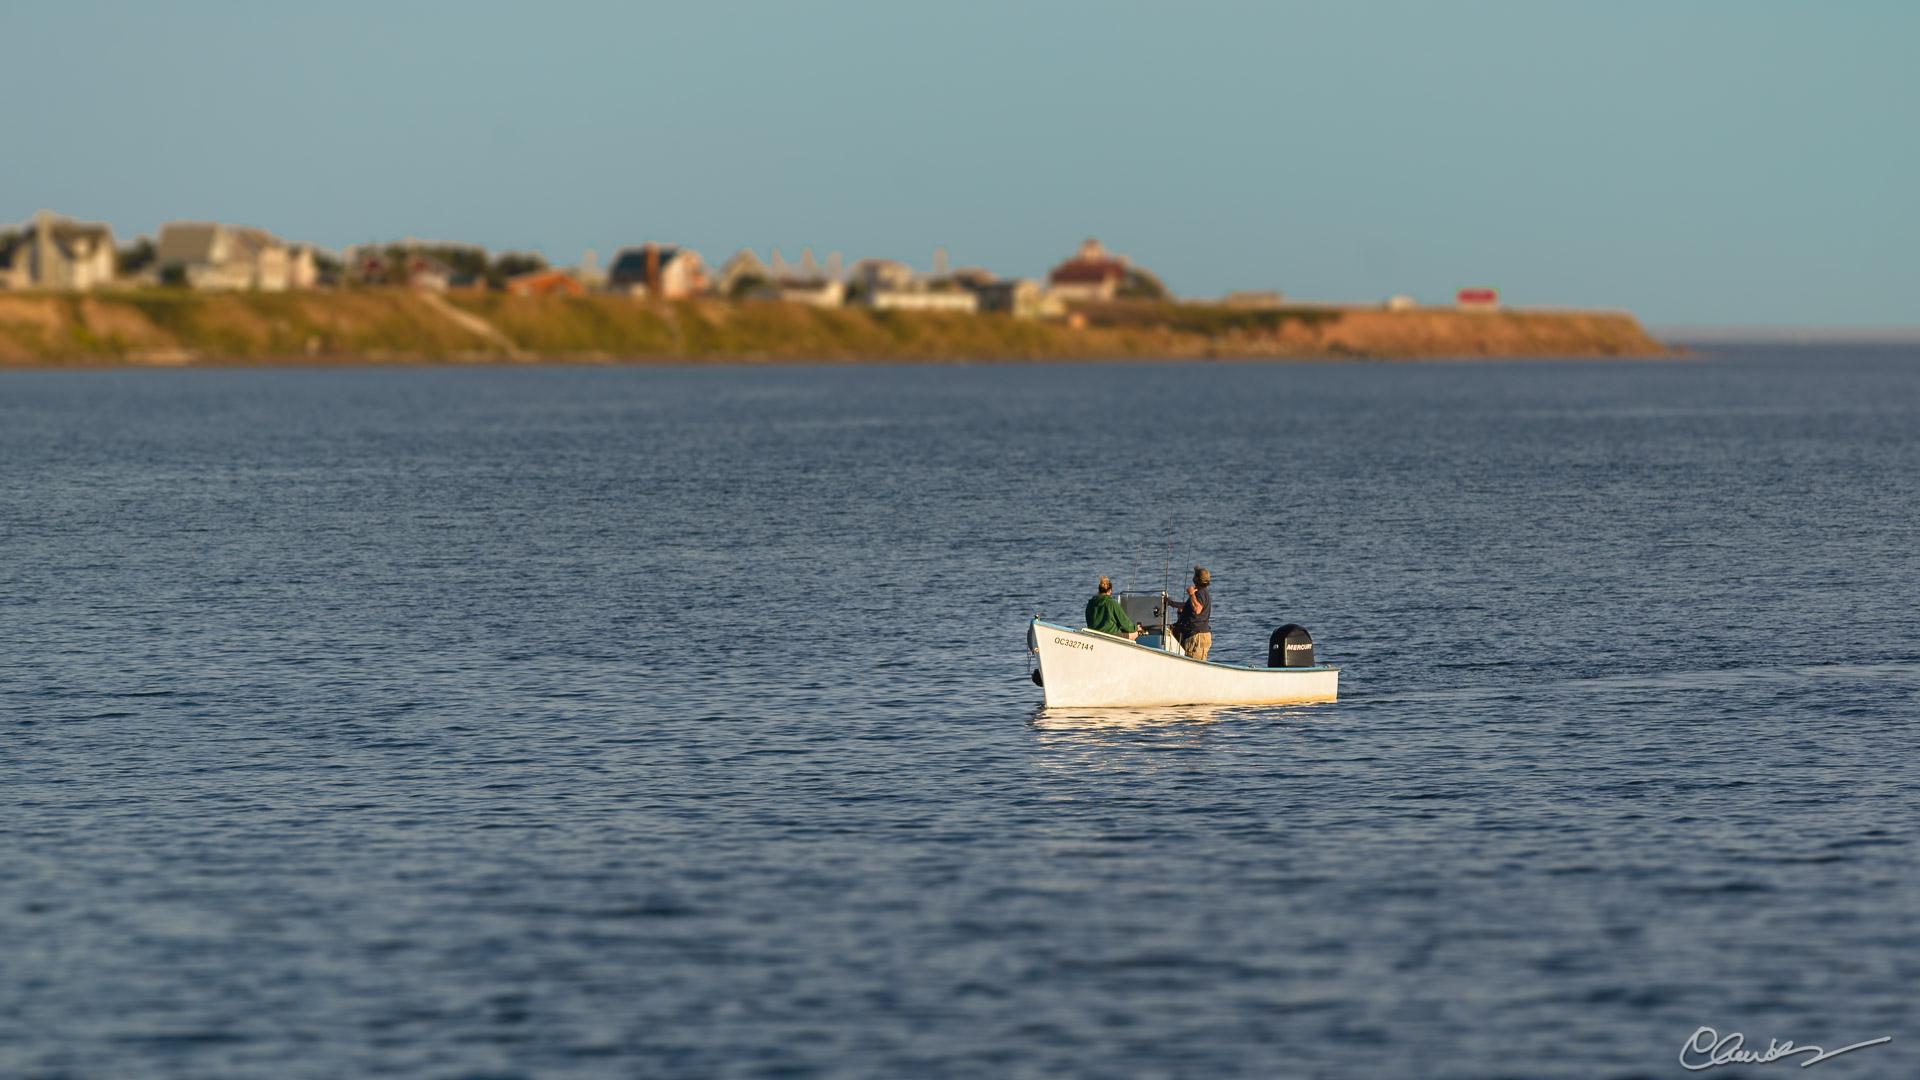 Retour de la pêche / Returning from a fishing excursion